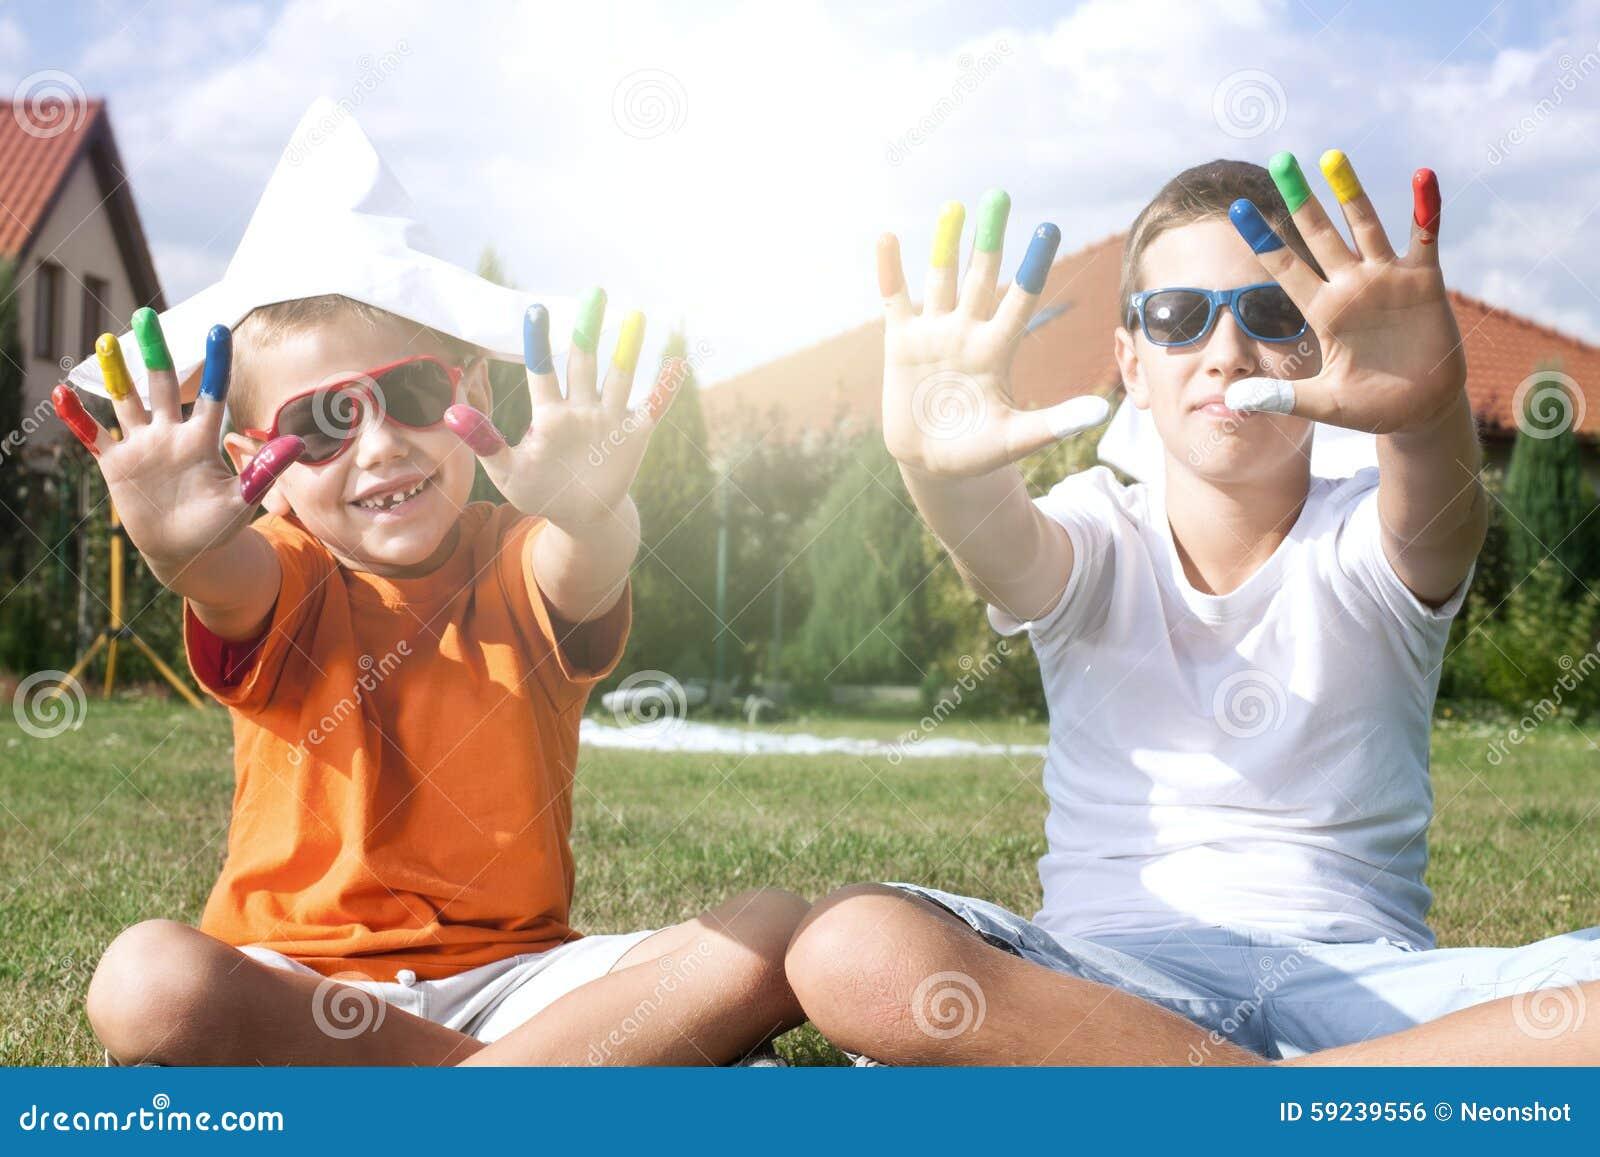 El jugar de dos hermanos al aire libre